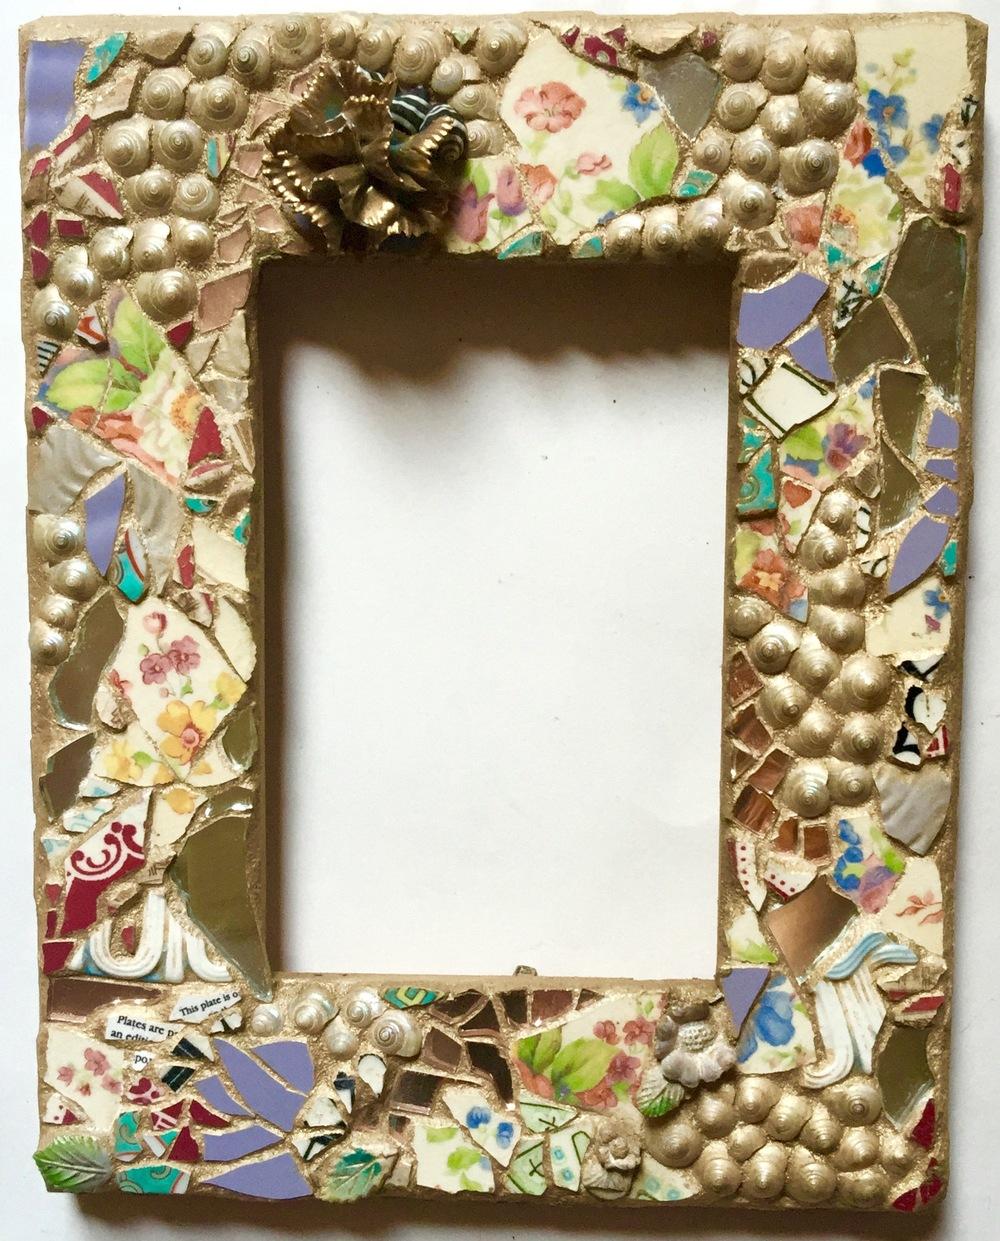 Mosaic Frame 4x6 $65